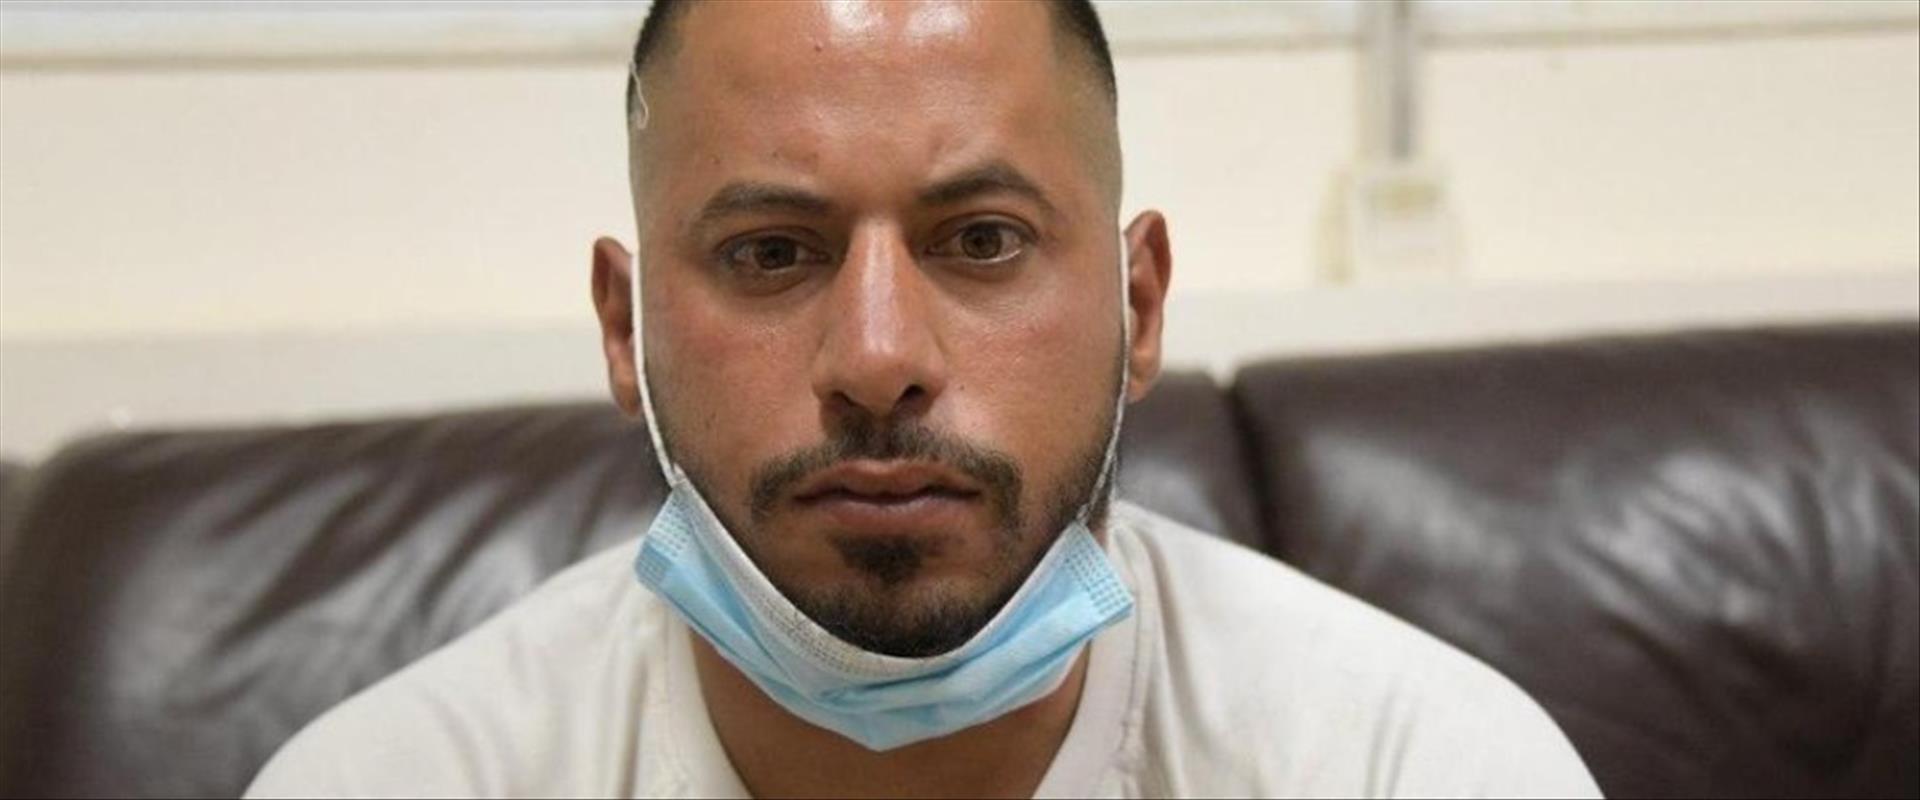 מוחמד שלבי הנאשם בפגיעה מינית בנשים